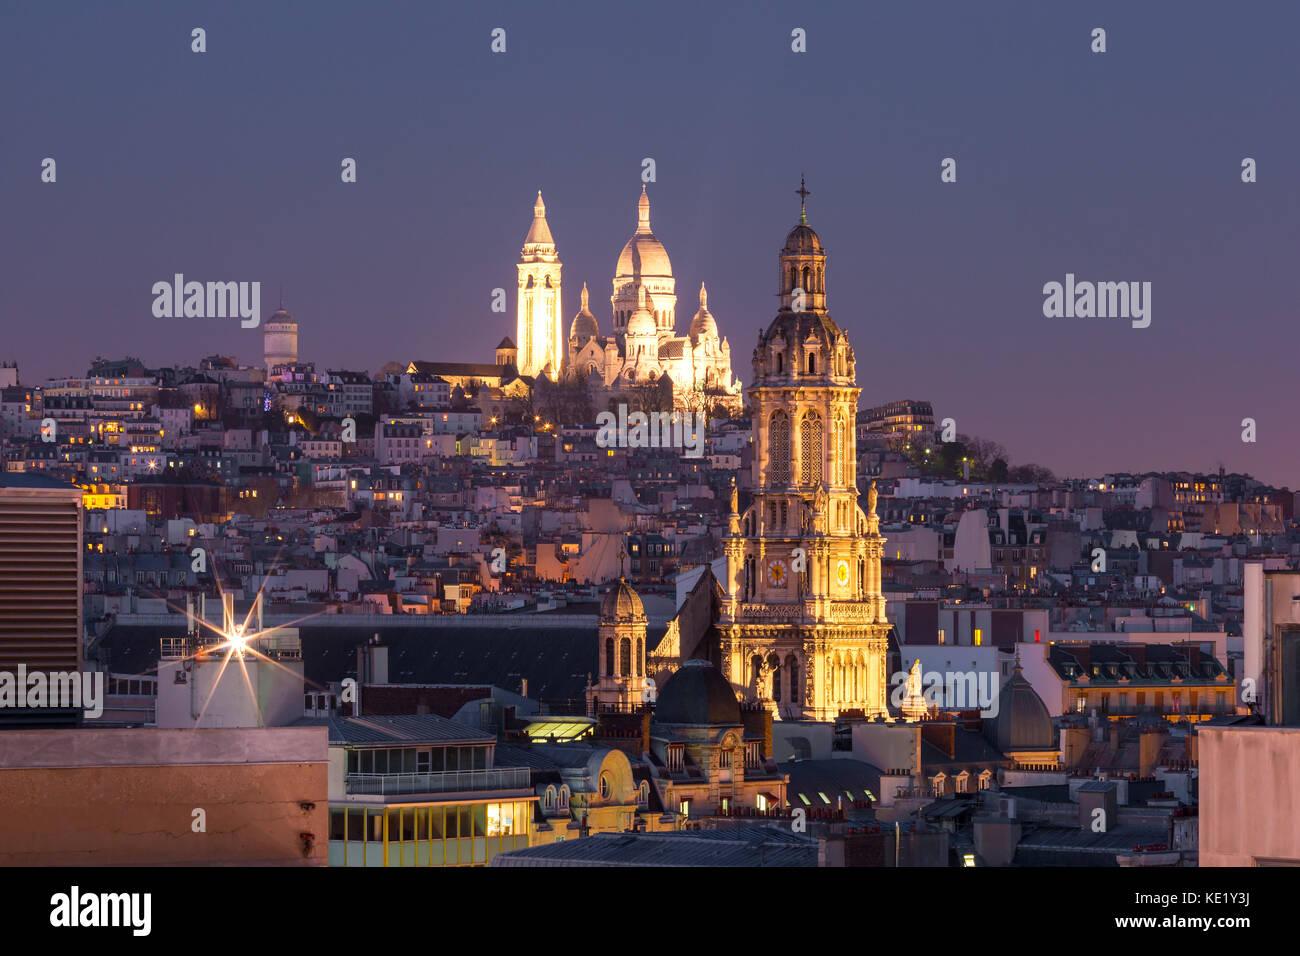 Sacre-Coeur Basilica at night in Paris, France - Stock Image